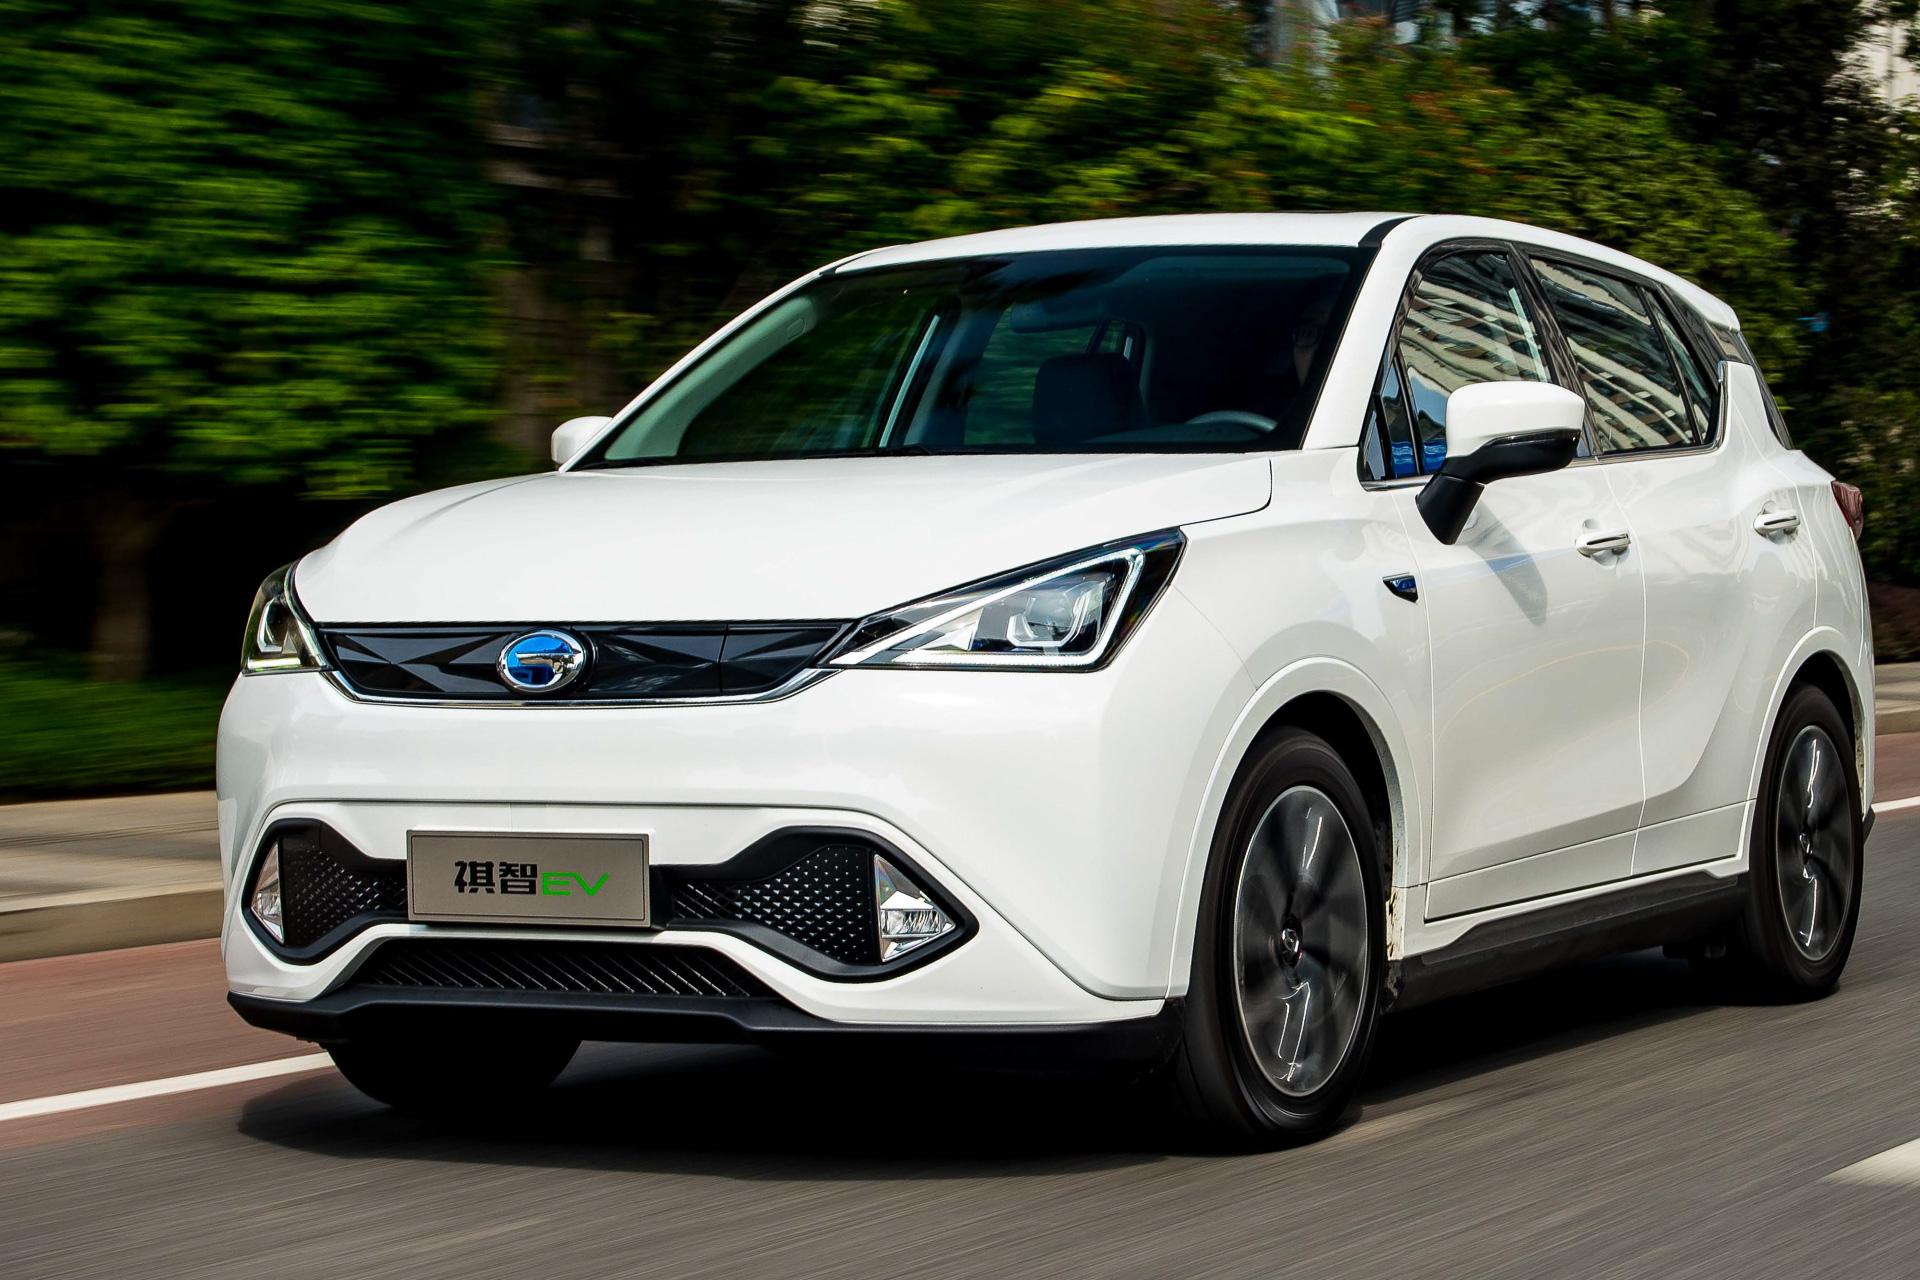 三菱自動車の中国合弁会社 広汽三菱が新型EV「祺智EV」生産開始。航続距離410kmのSUV